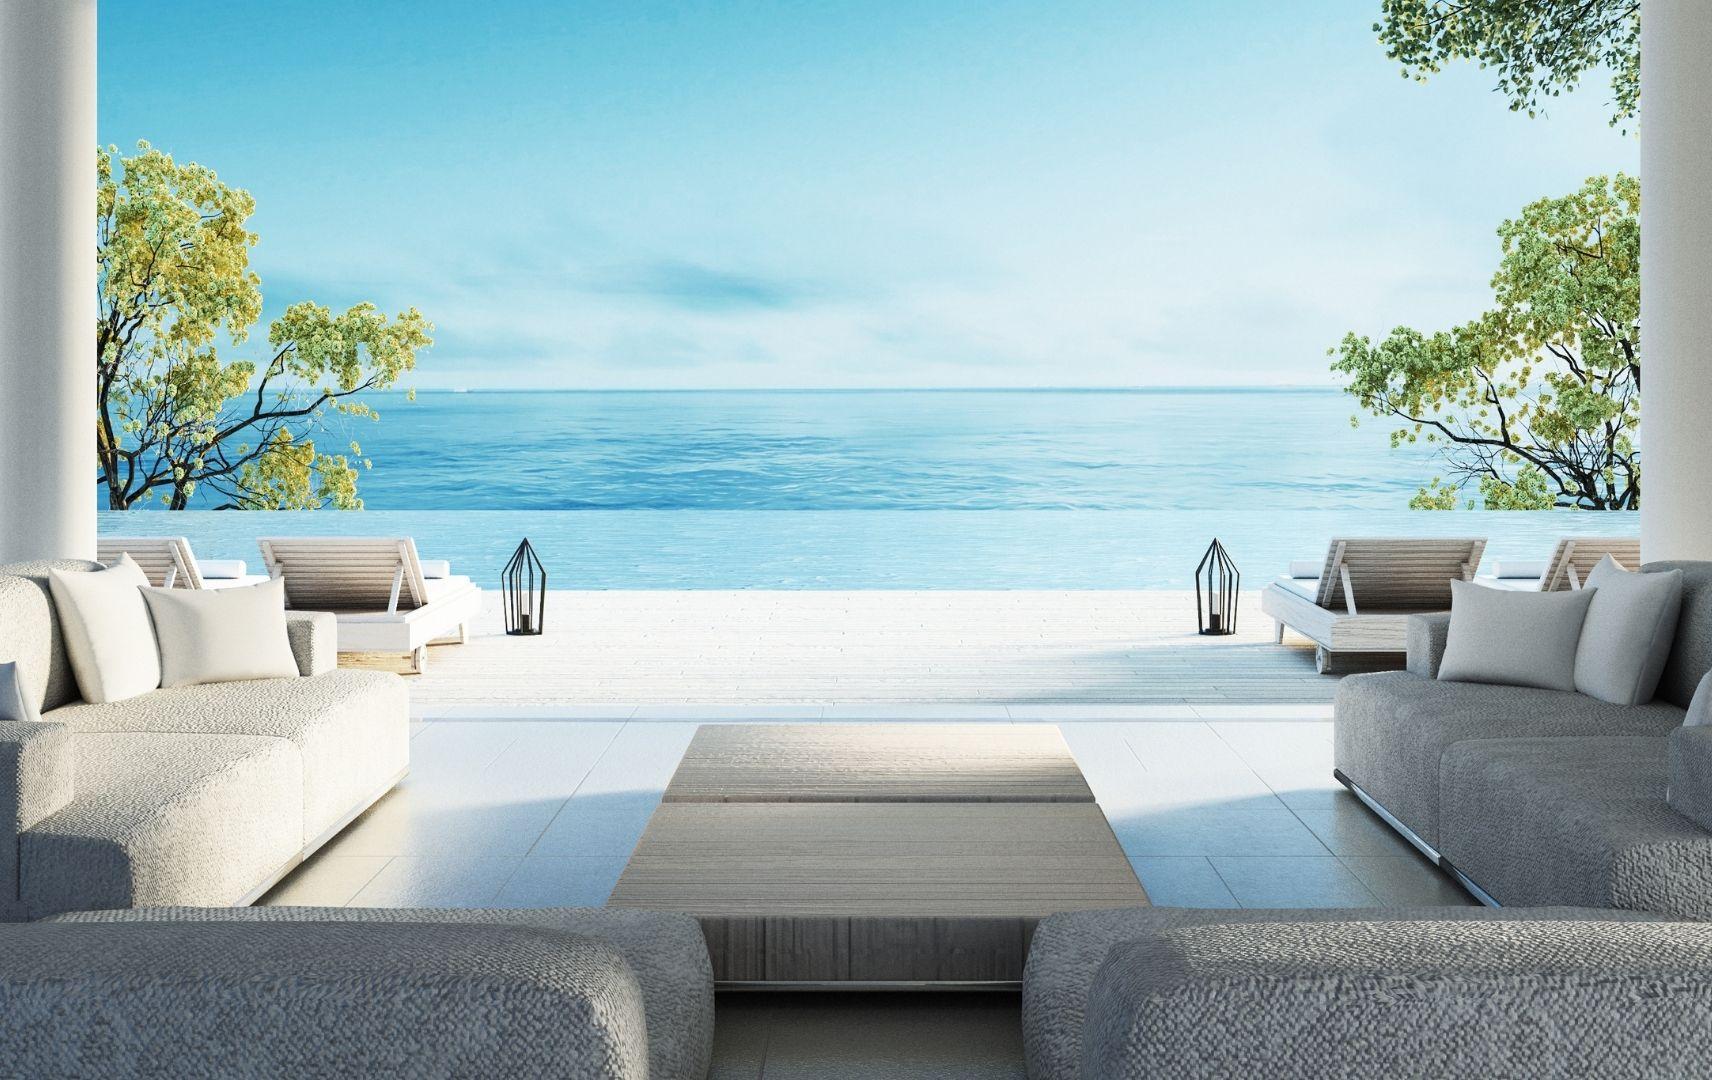 Luxushotel mit Blick auf Pool, Meer